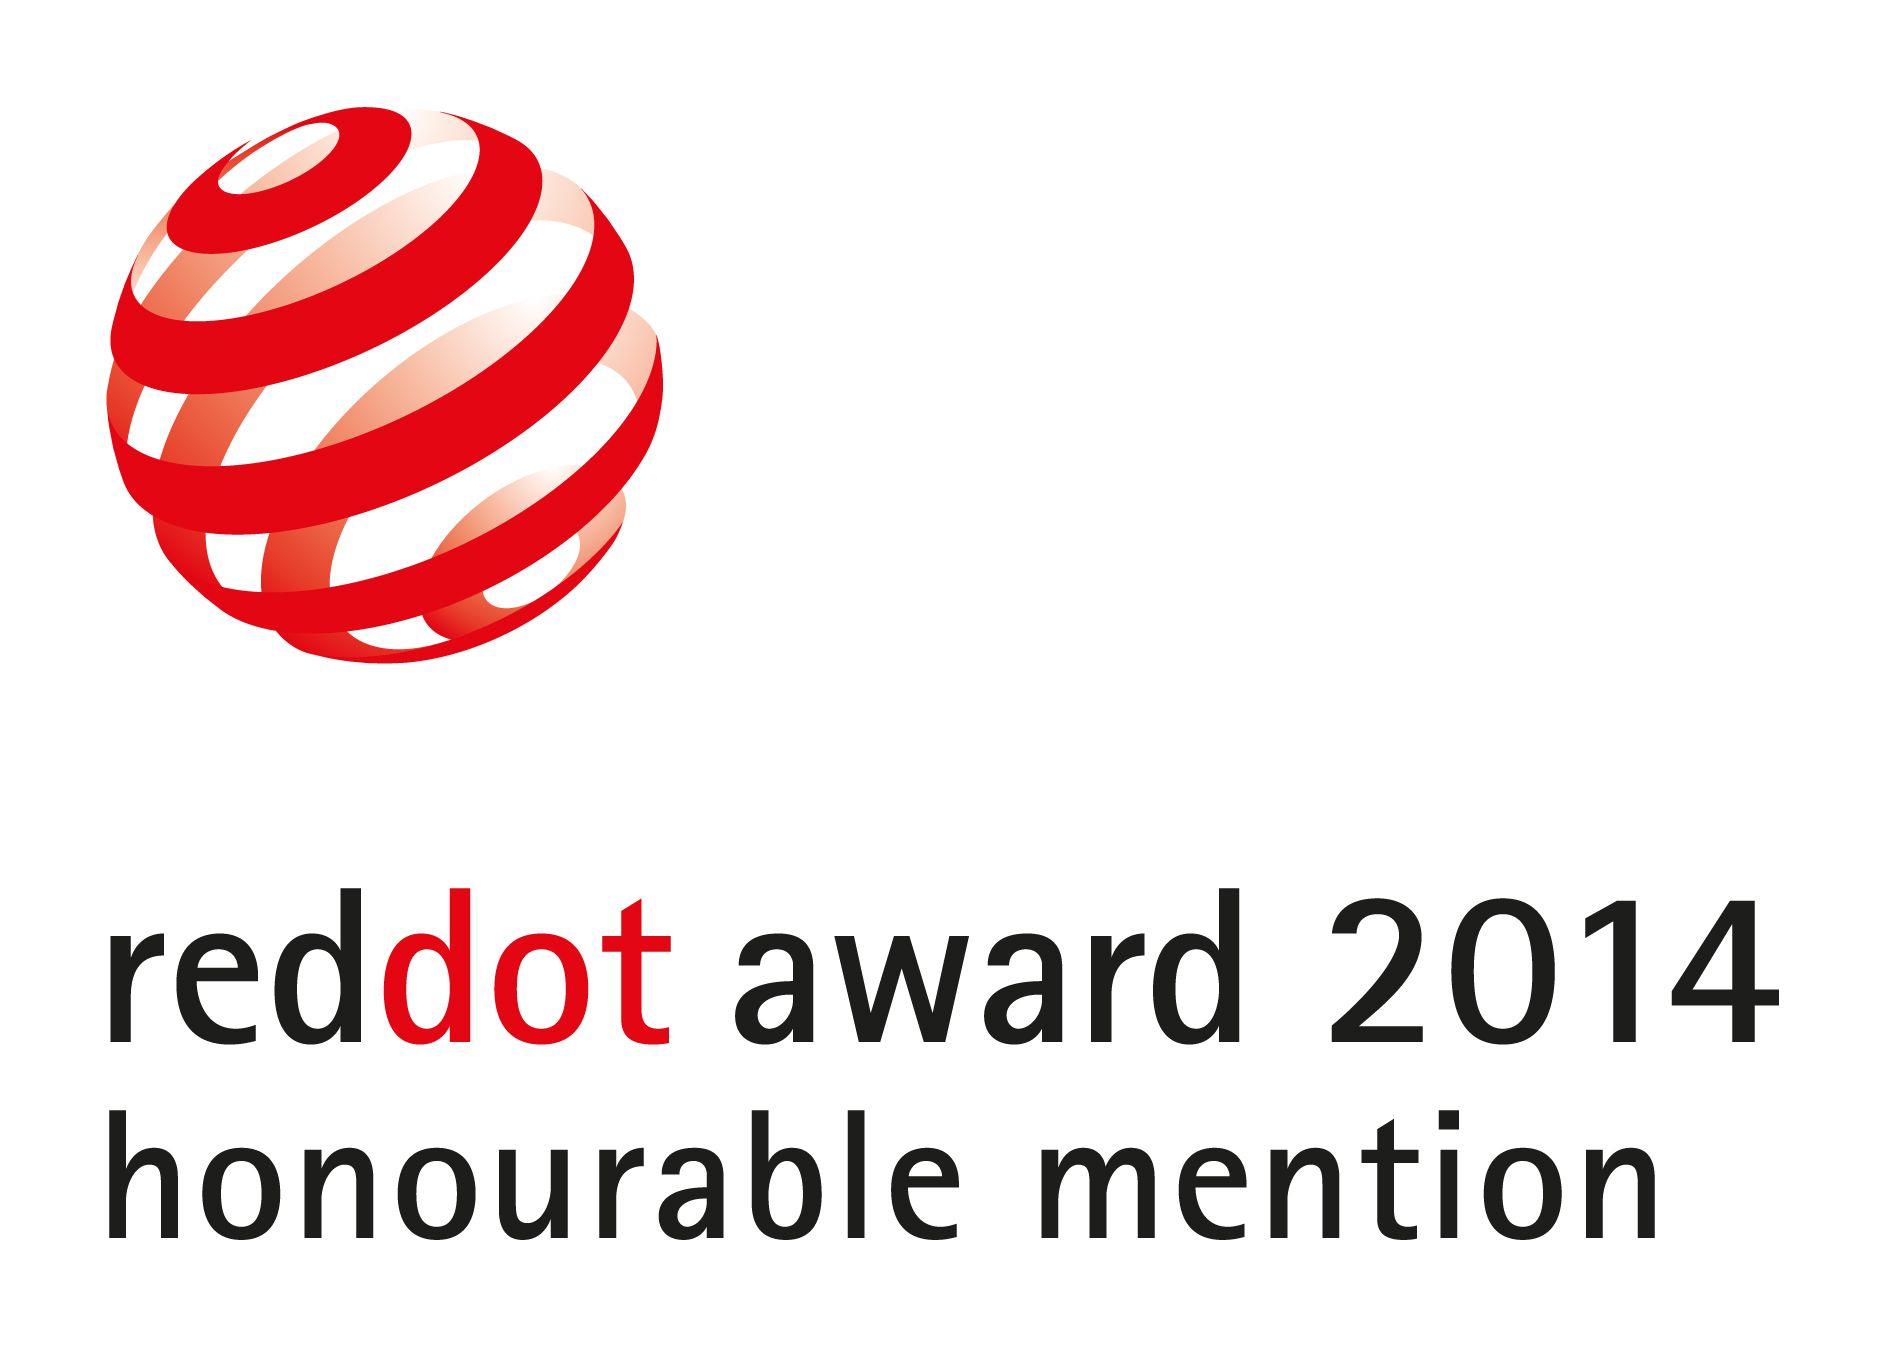 Niesmann_Bischoff_Ausgezeichnet_-__Honourable_Mention__im_Red_Dot_Award_2014_fuer_Reisemobil_Arto